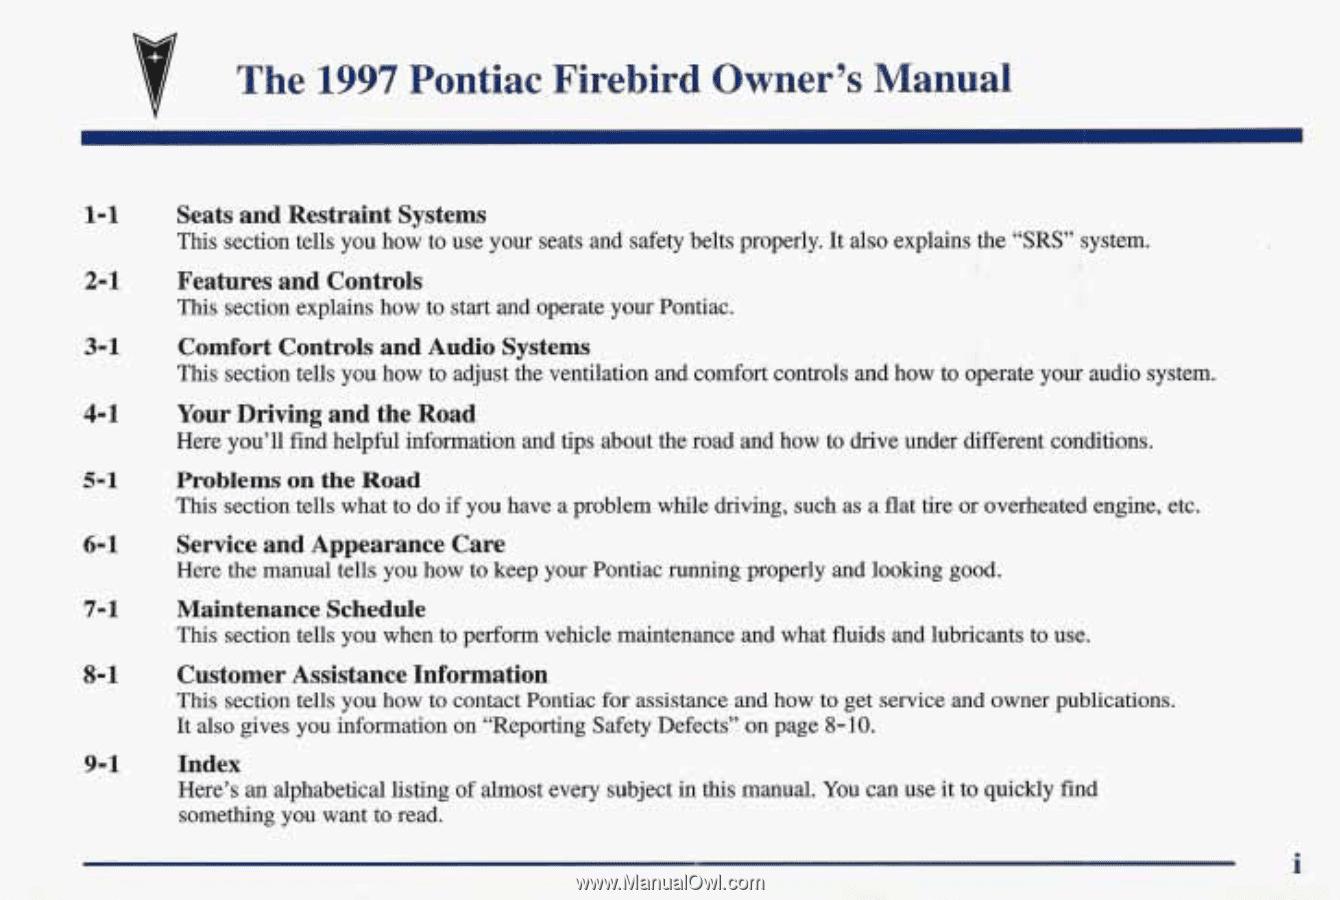 The. 1997. Pontiac. Firebird. Owner's. Manual